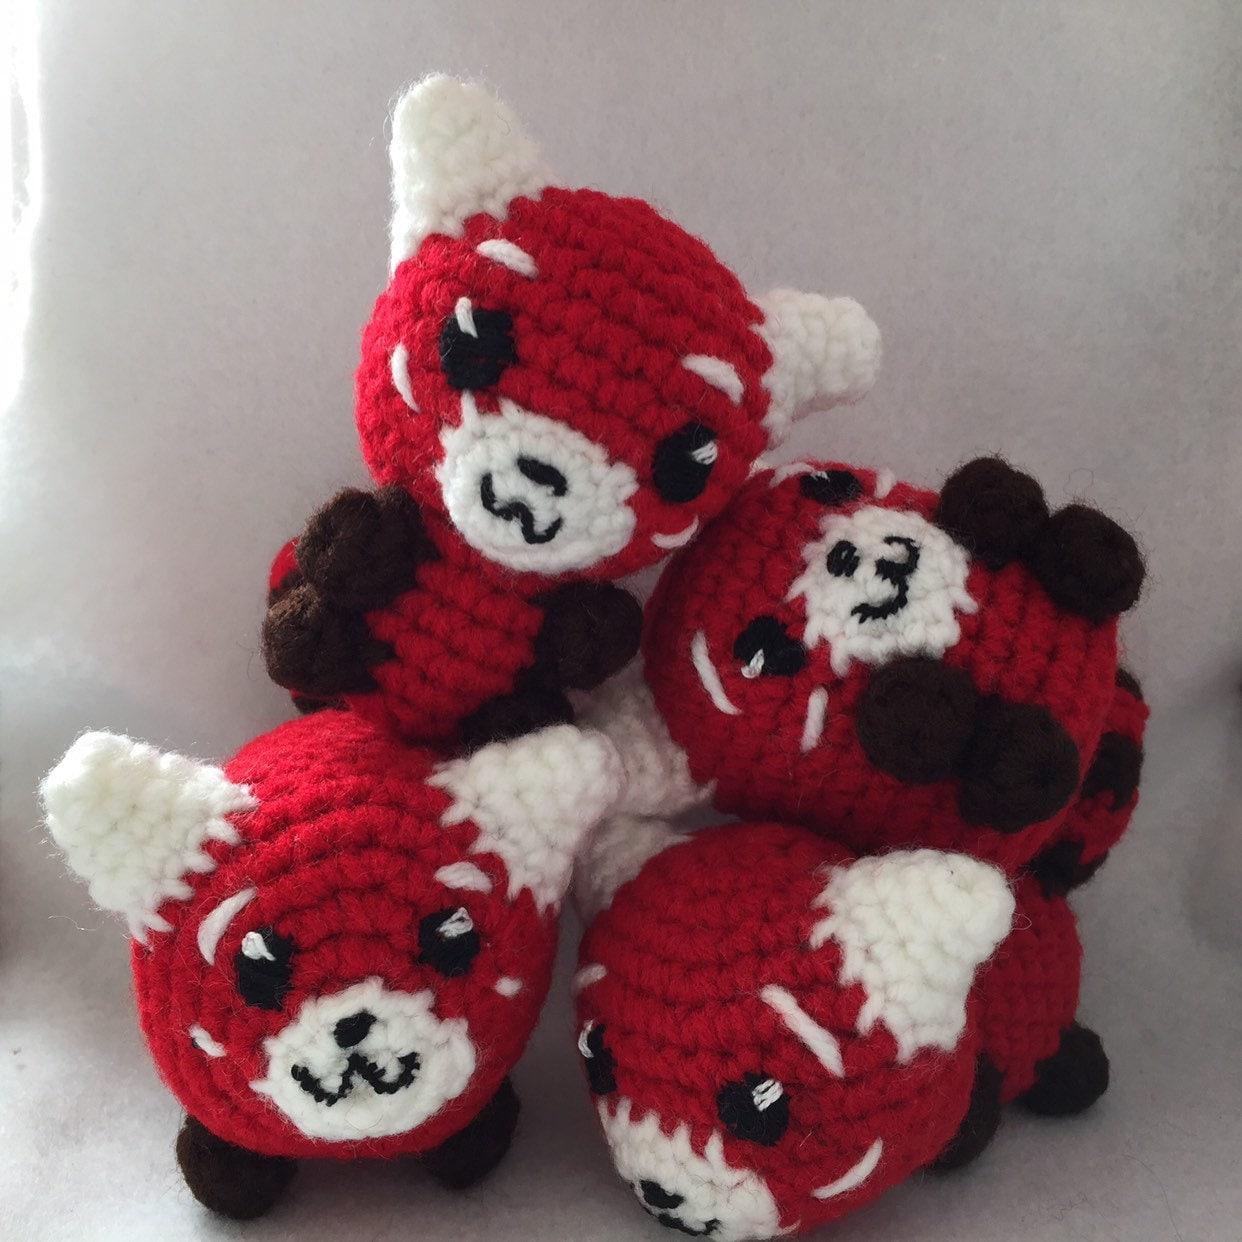 Kids toys Stuffed Panda - Bear Plush - Amigurumi Panda - Crochet ... | 1242x1242